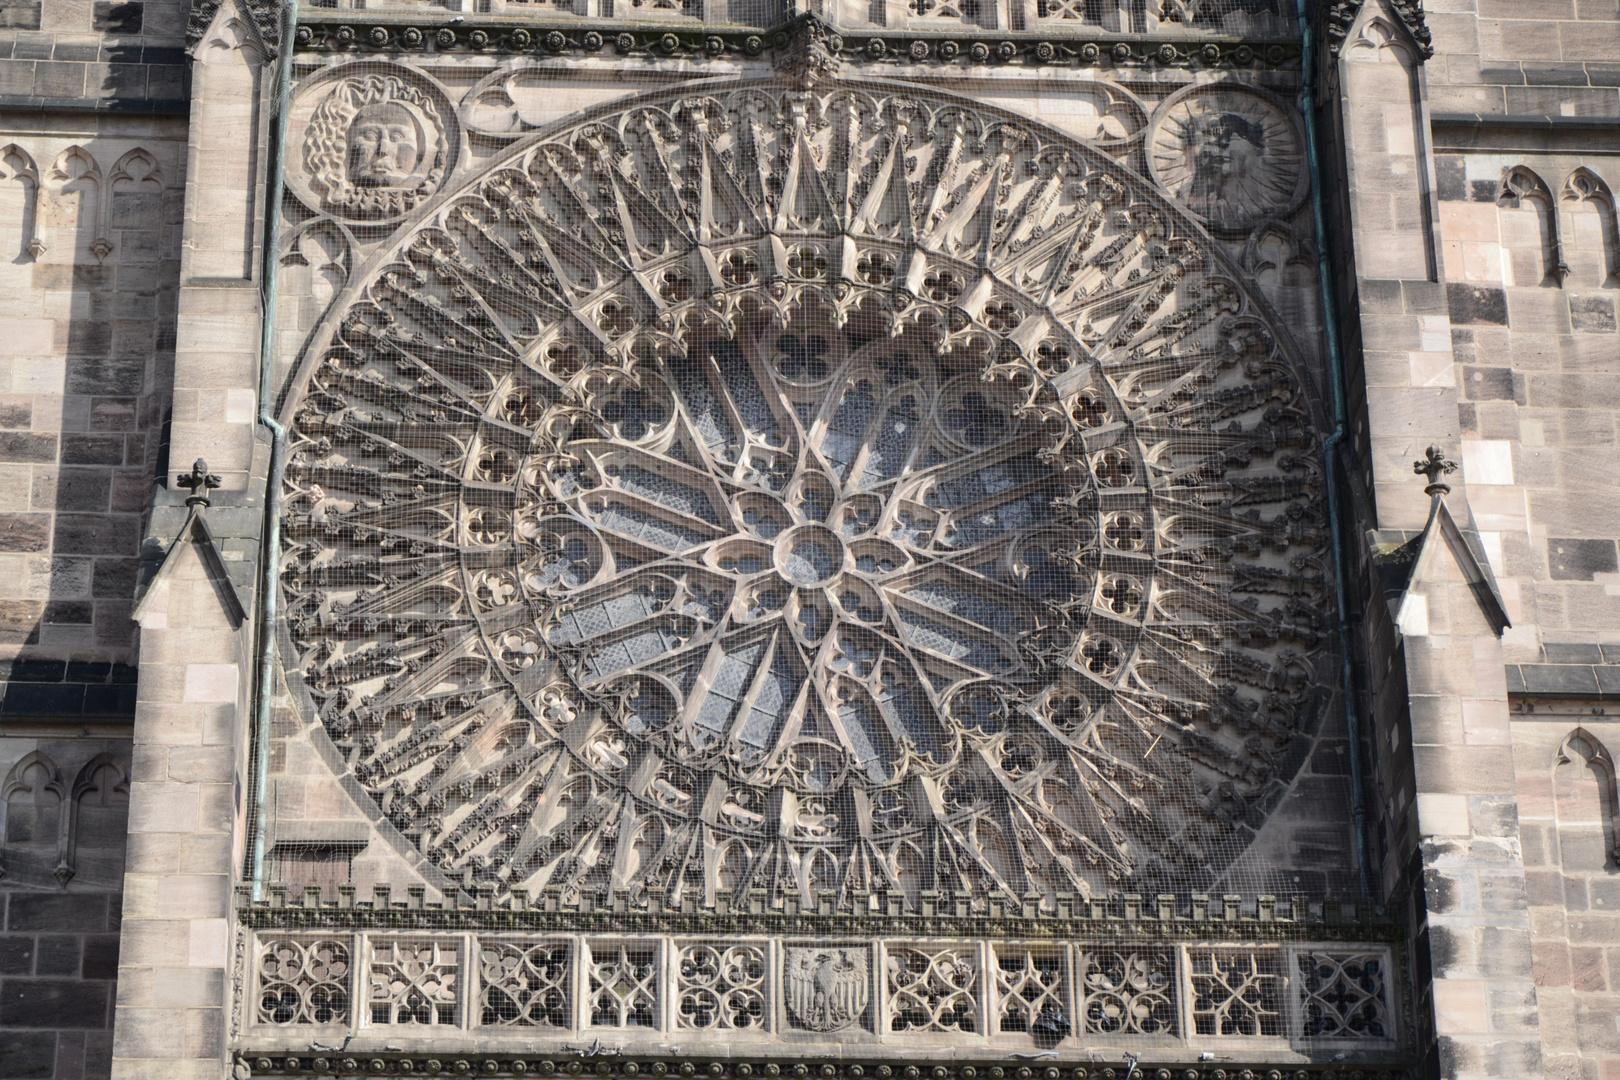 Rosette an der Lorenzkirche in Nürnberg